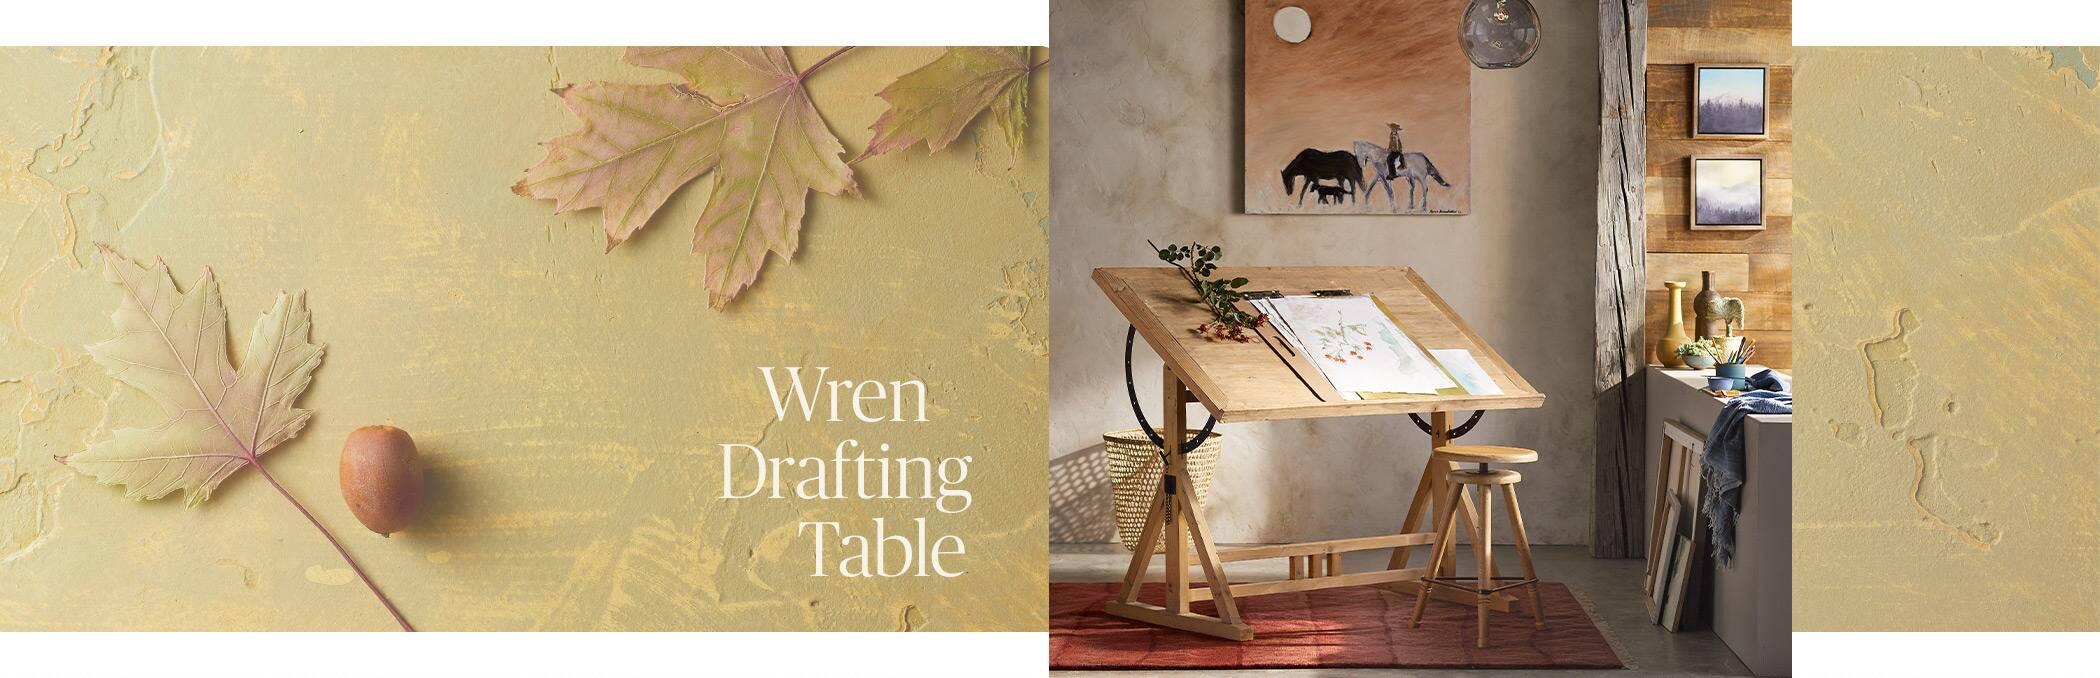 Wren Drafting Table